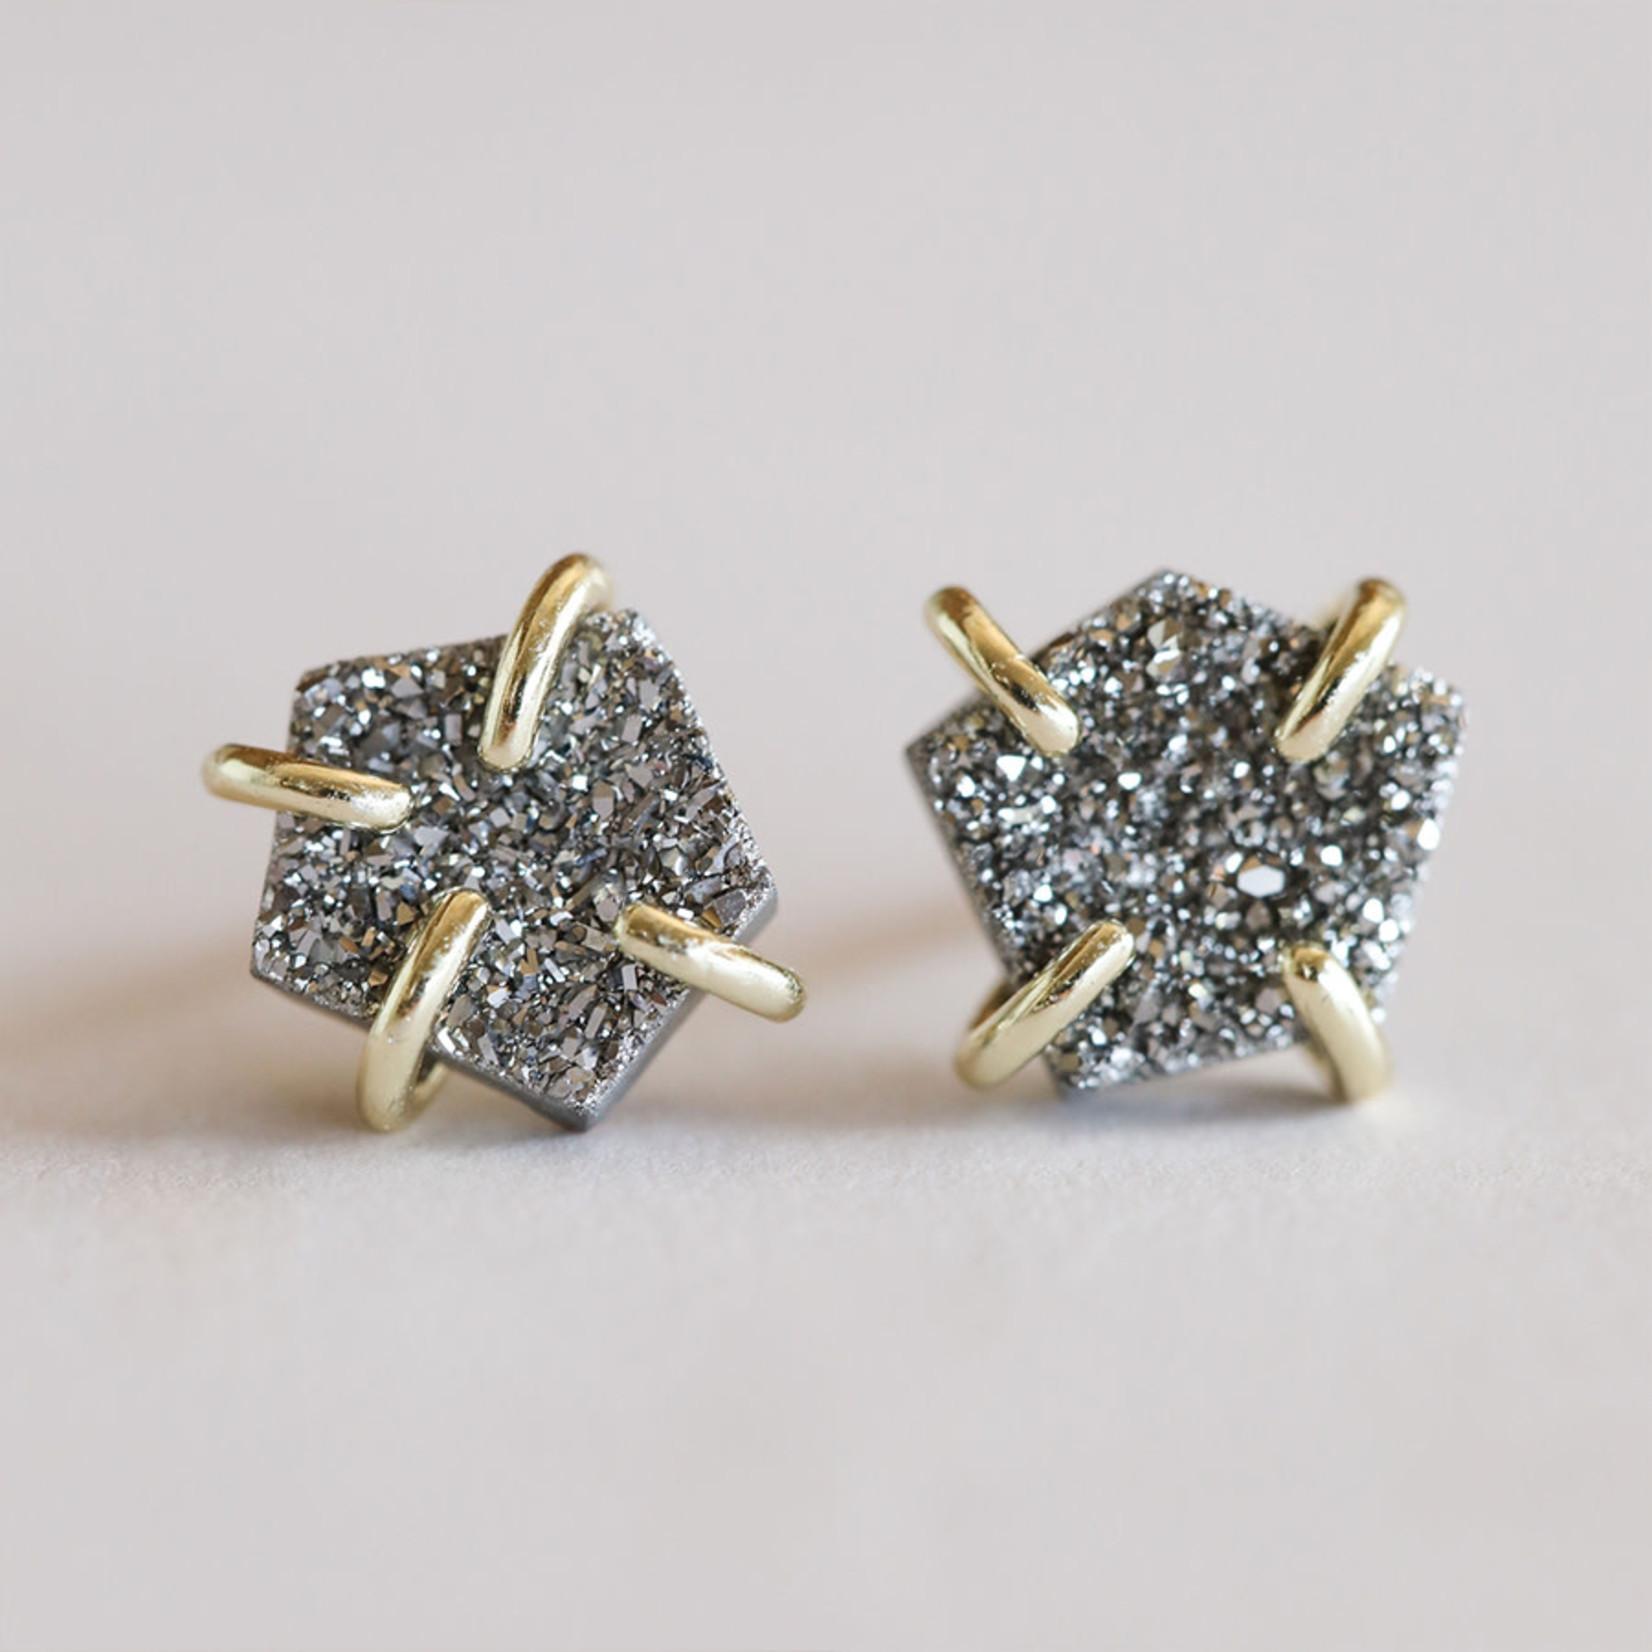 JaxKelly Druzy Prong Earrings